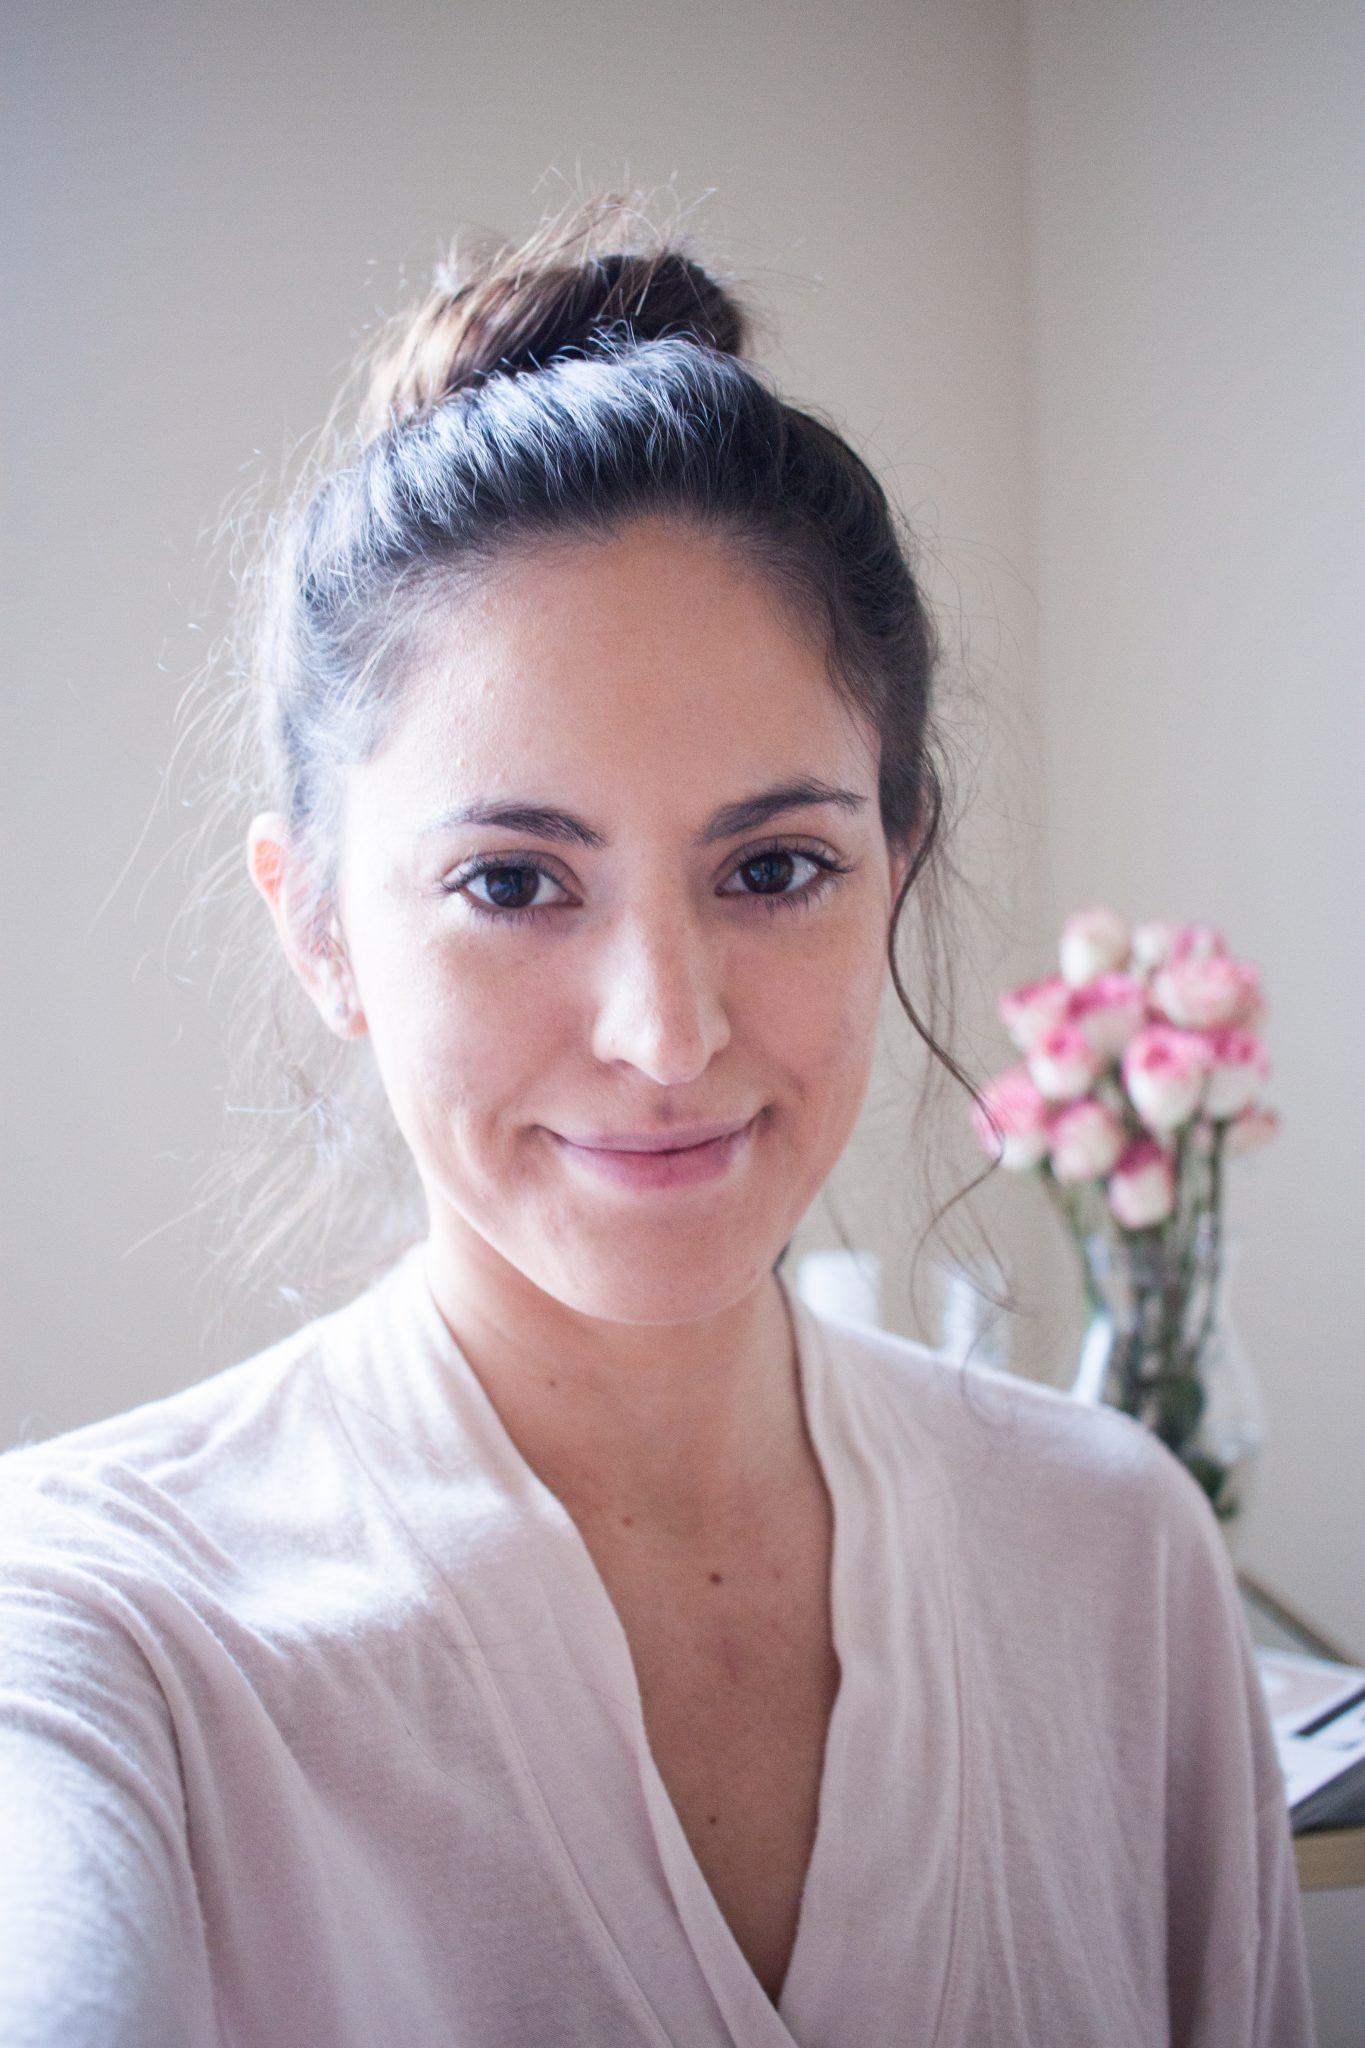 jouviance, my nighttime beauty routine, anti-aging beauty routine, best anti-aging night creme, bedtime beauty tips, anti-aging beauty tips